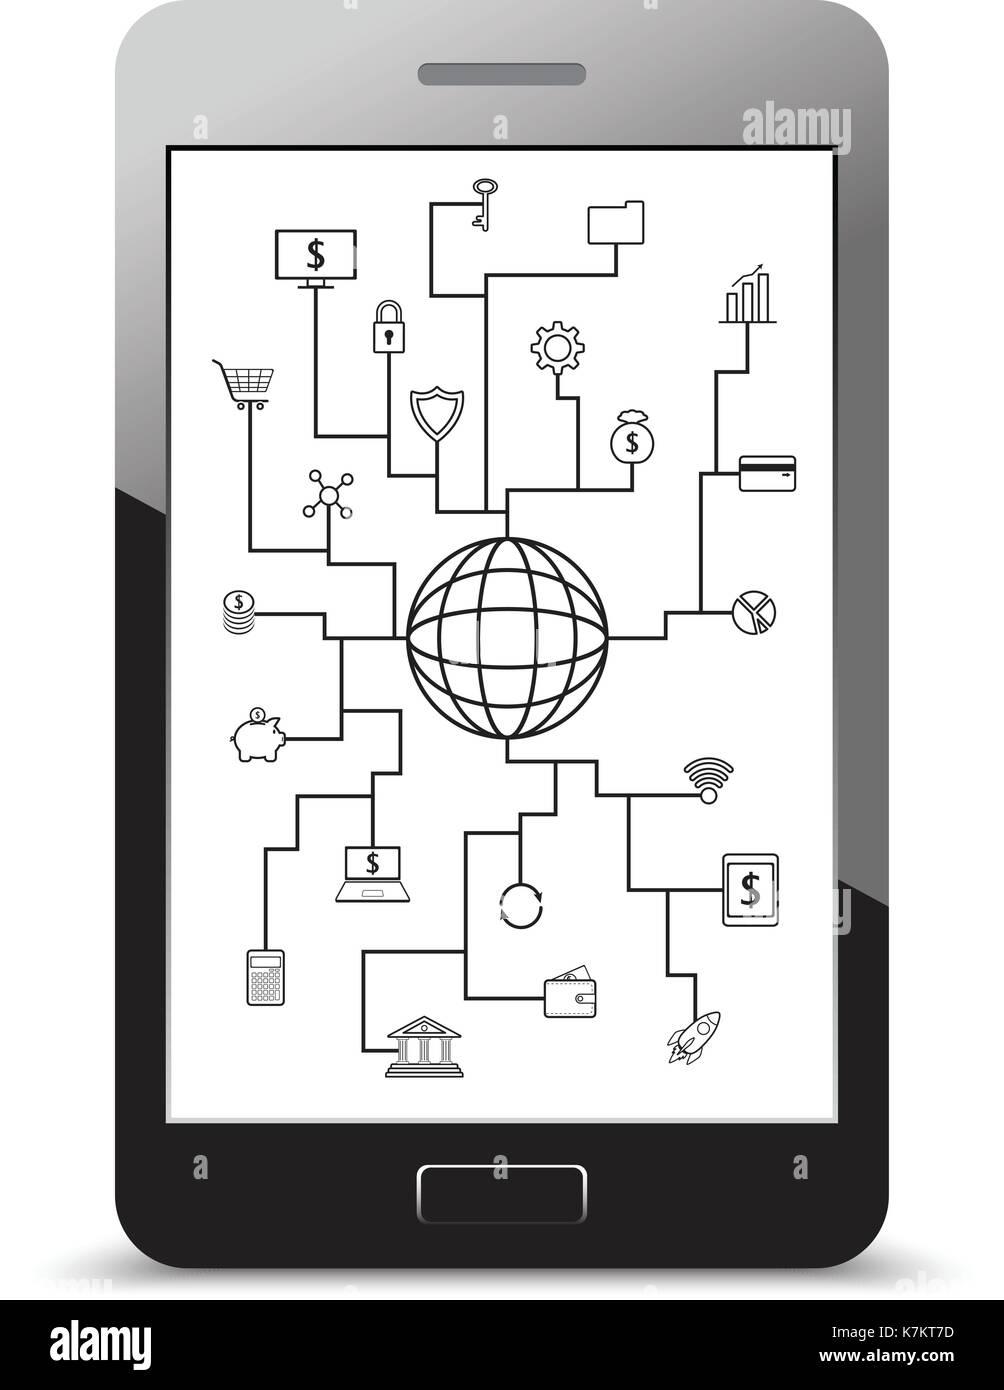 Vettore di linea di fintech icone intorno a un globo sulla tecnologia finanziario, bancario e degli investimenti con sfondo bianco su un realistico lo schermo dello smartphone Immagini Stock